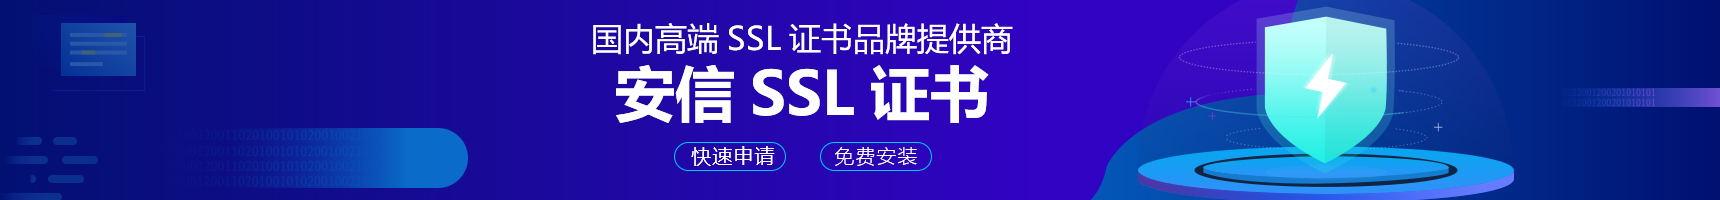 SSL证书申请推荐